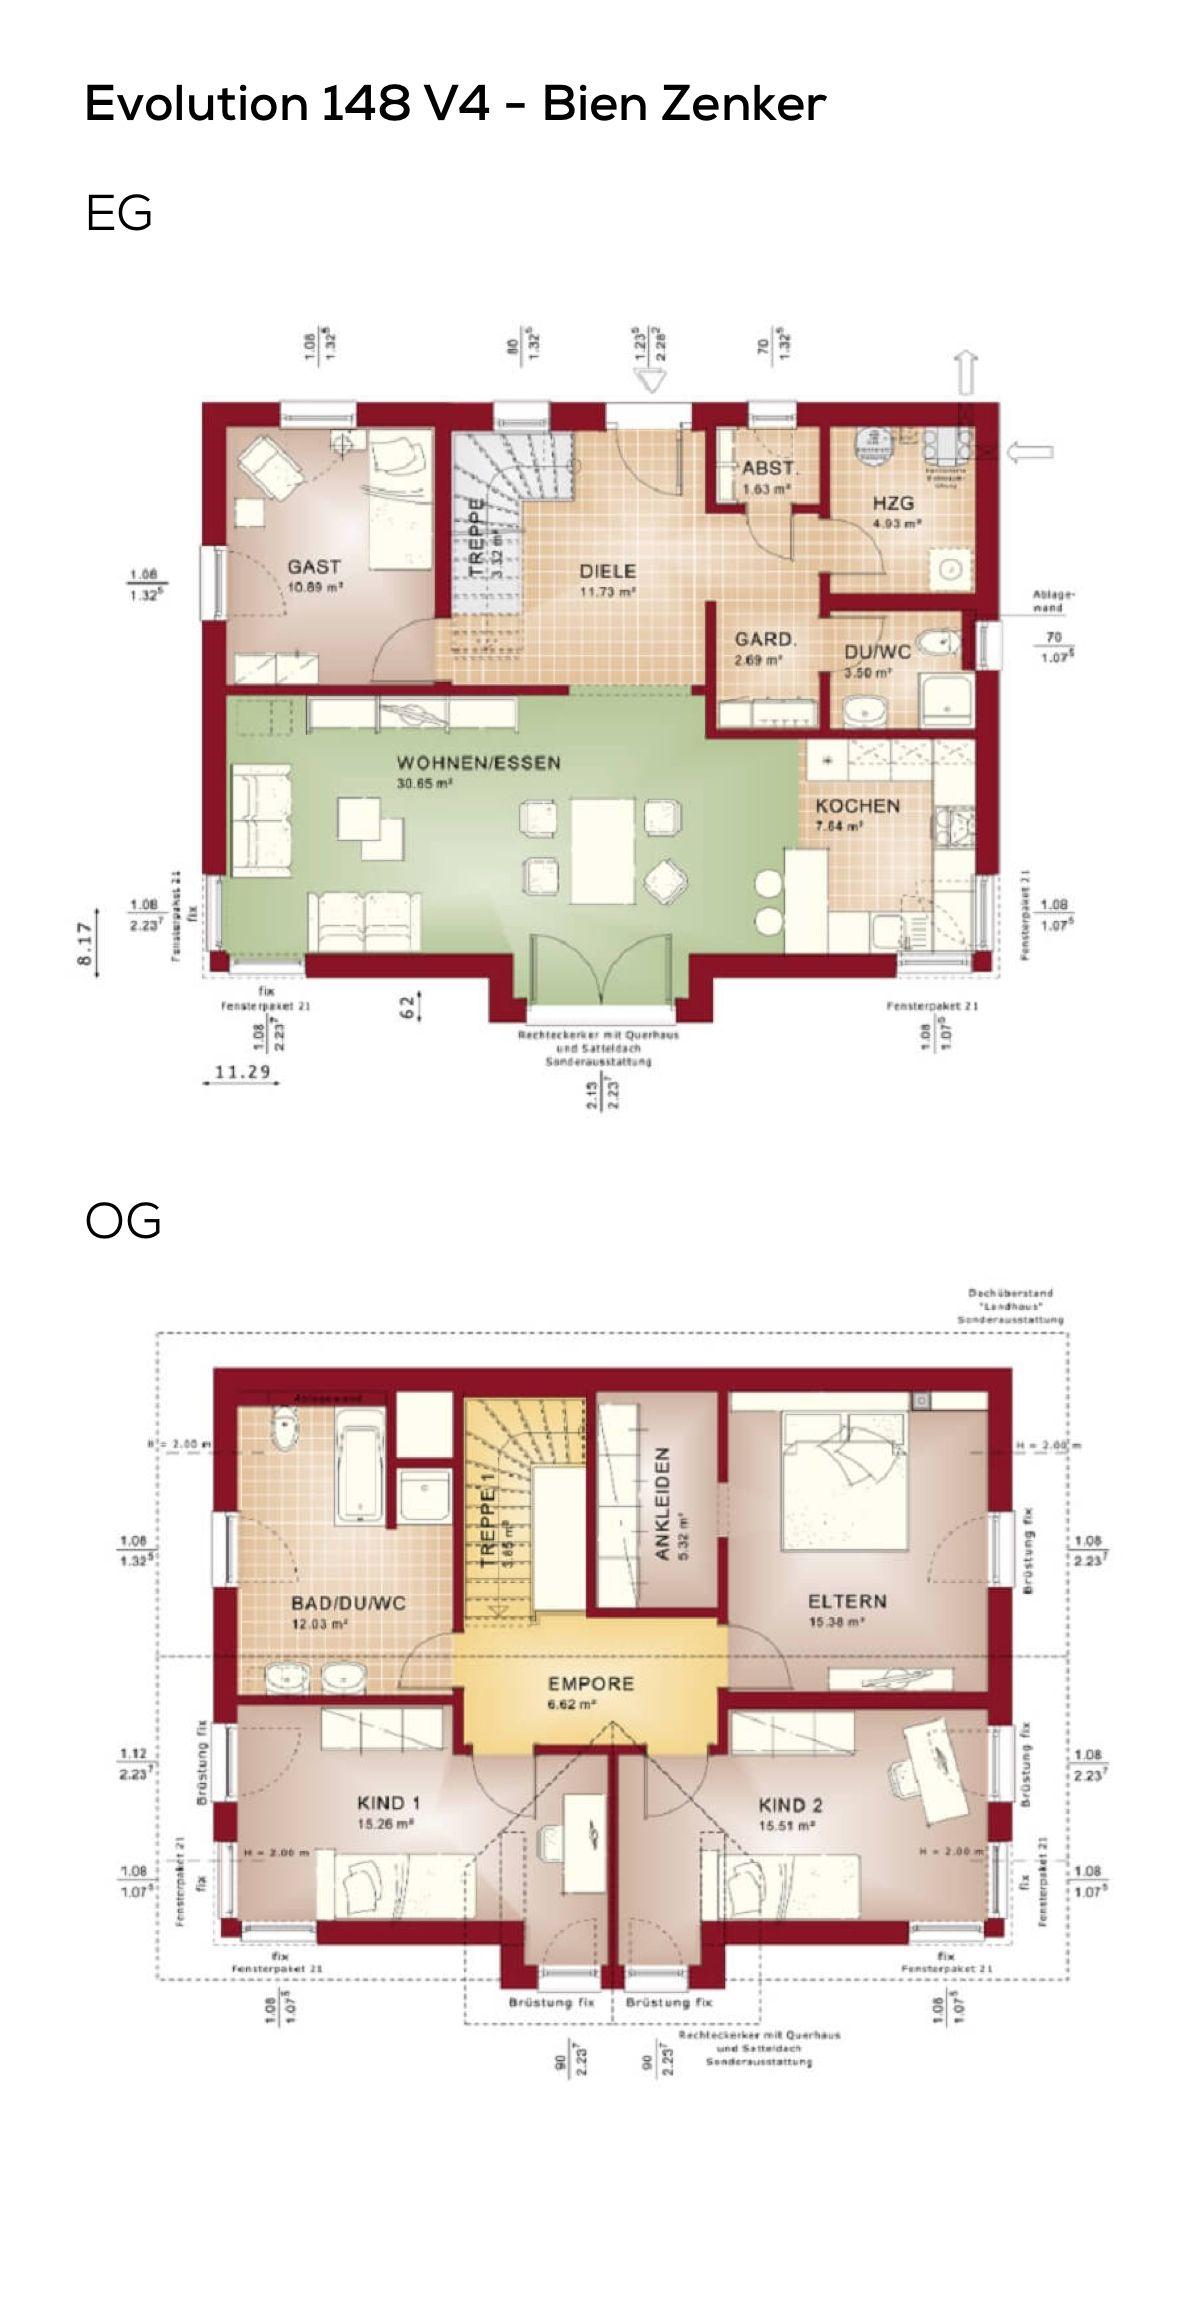 Grundriss Stadtvilla 150 Qm Wohnflache